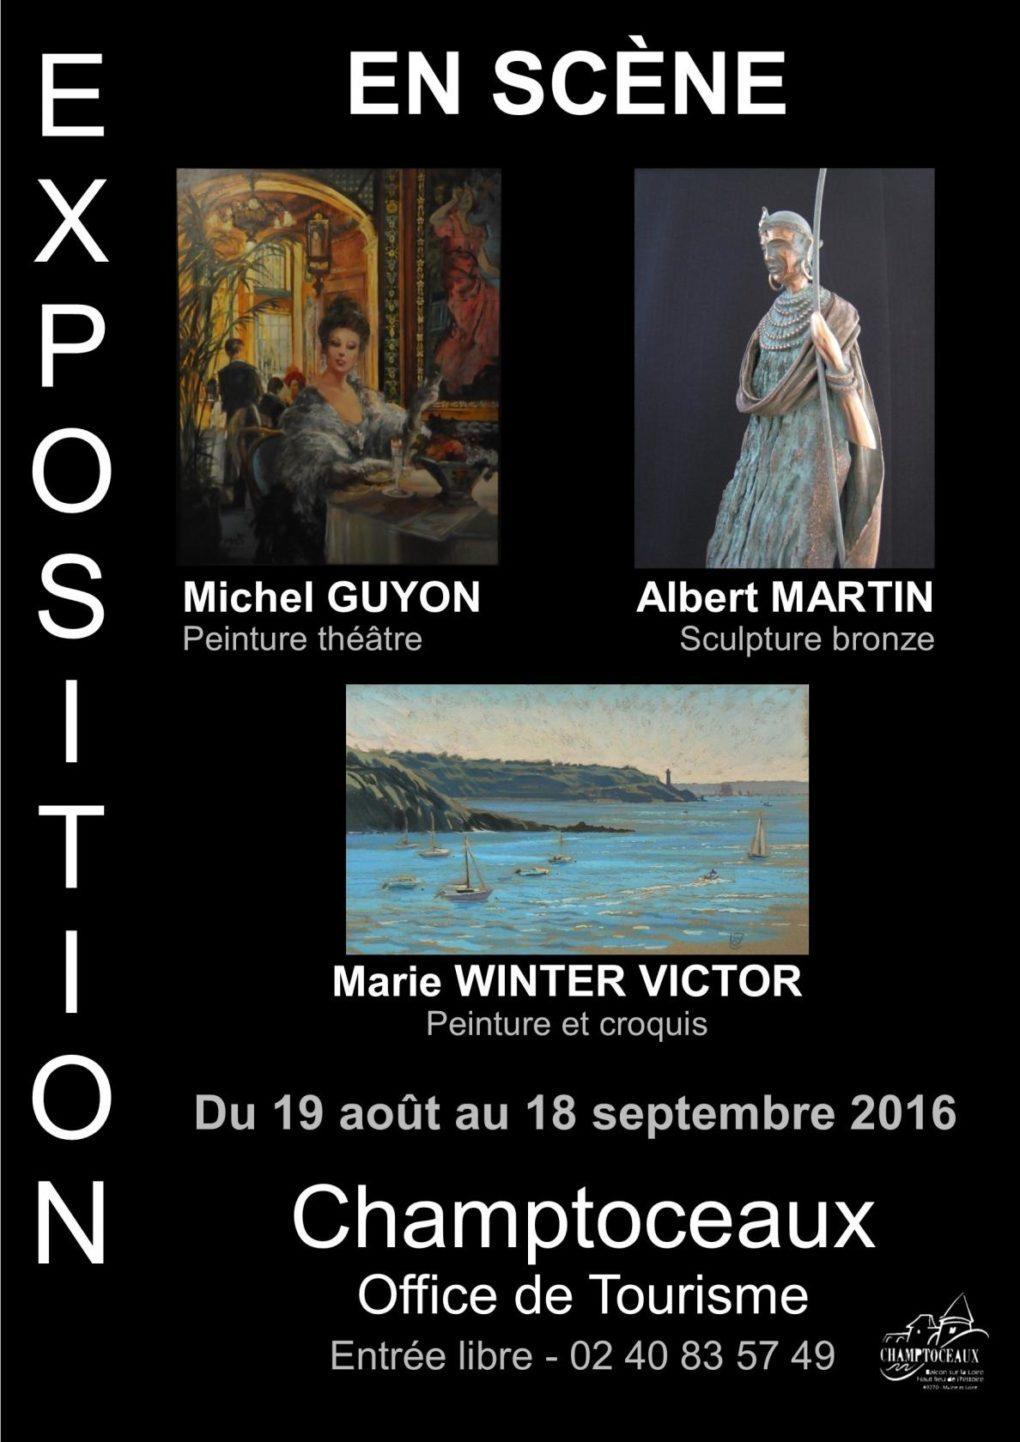 Exposition En scène Orée-d'Anjou